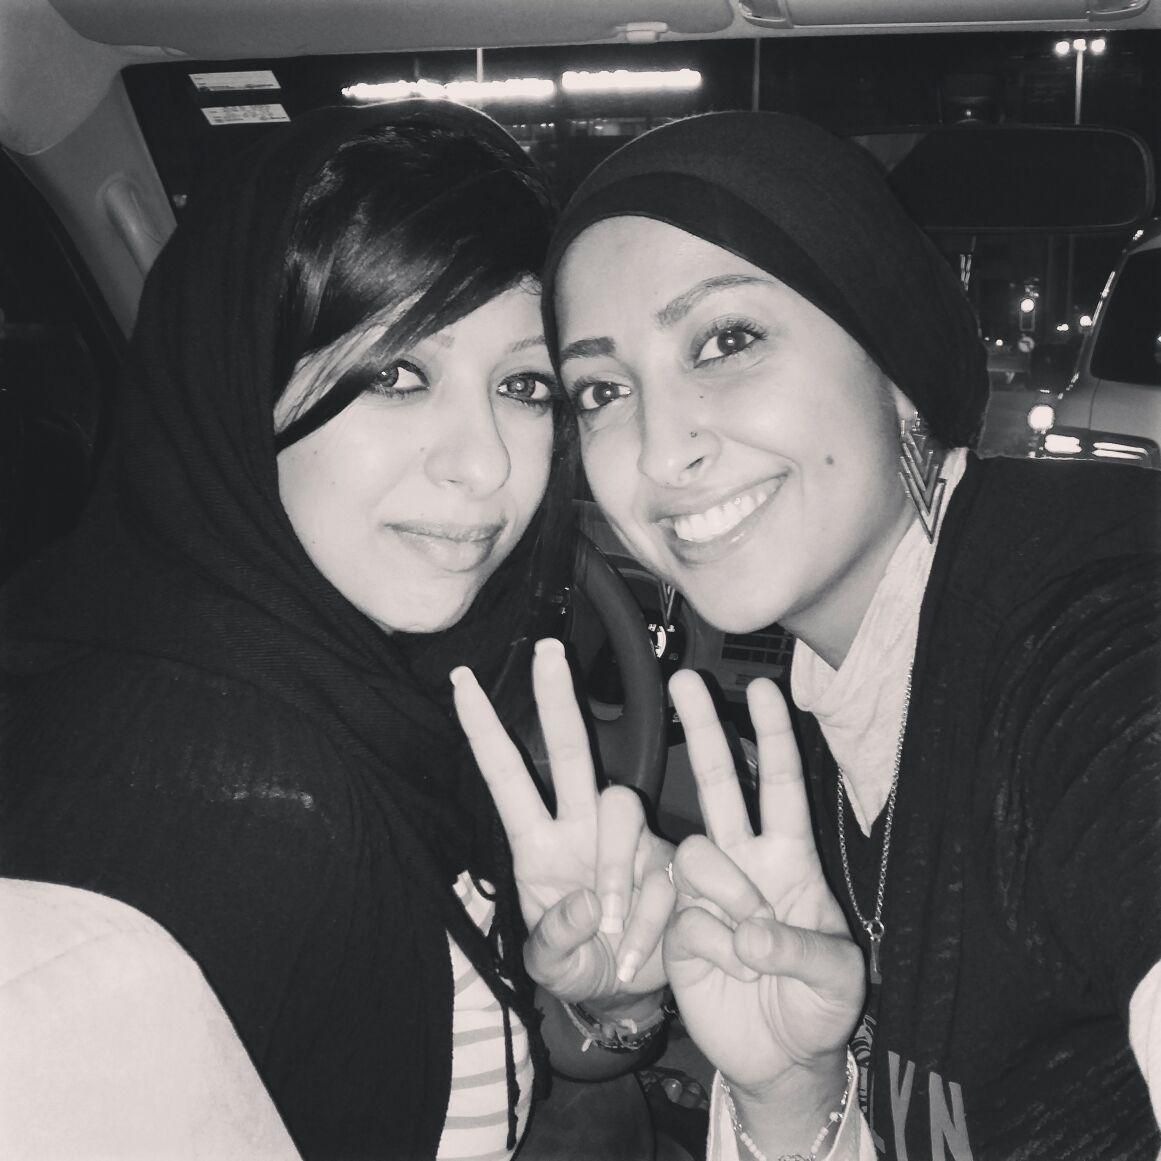 MAryam and Zainab